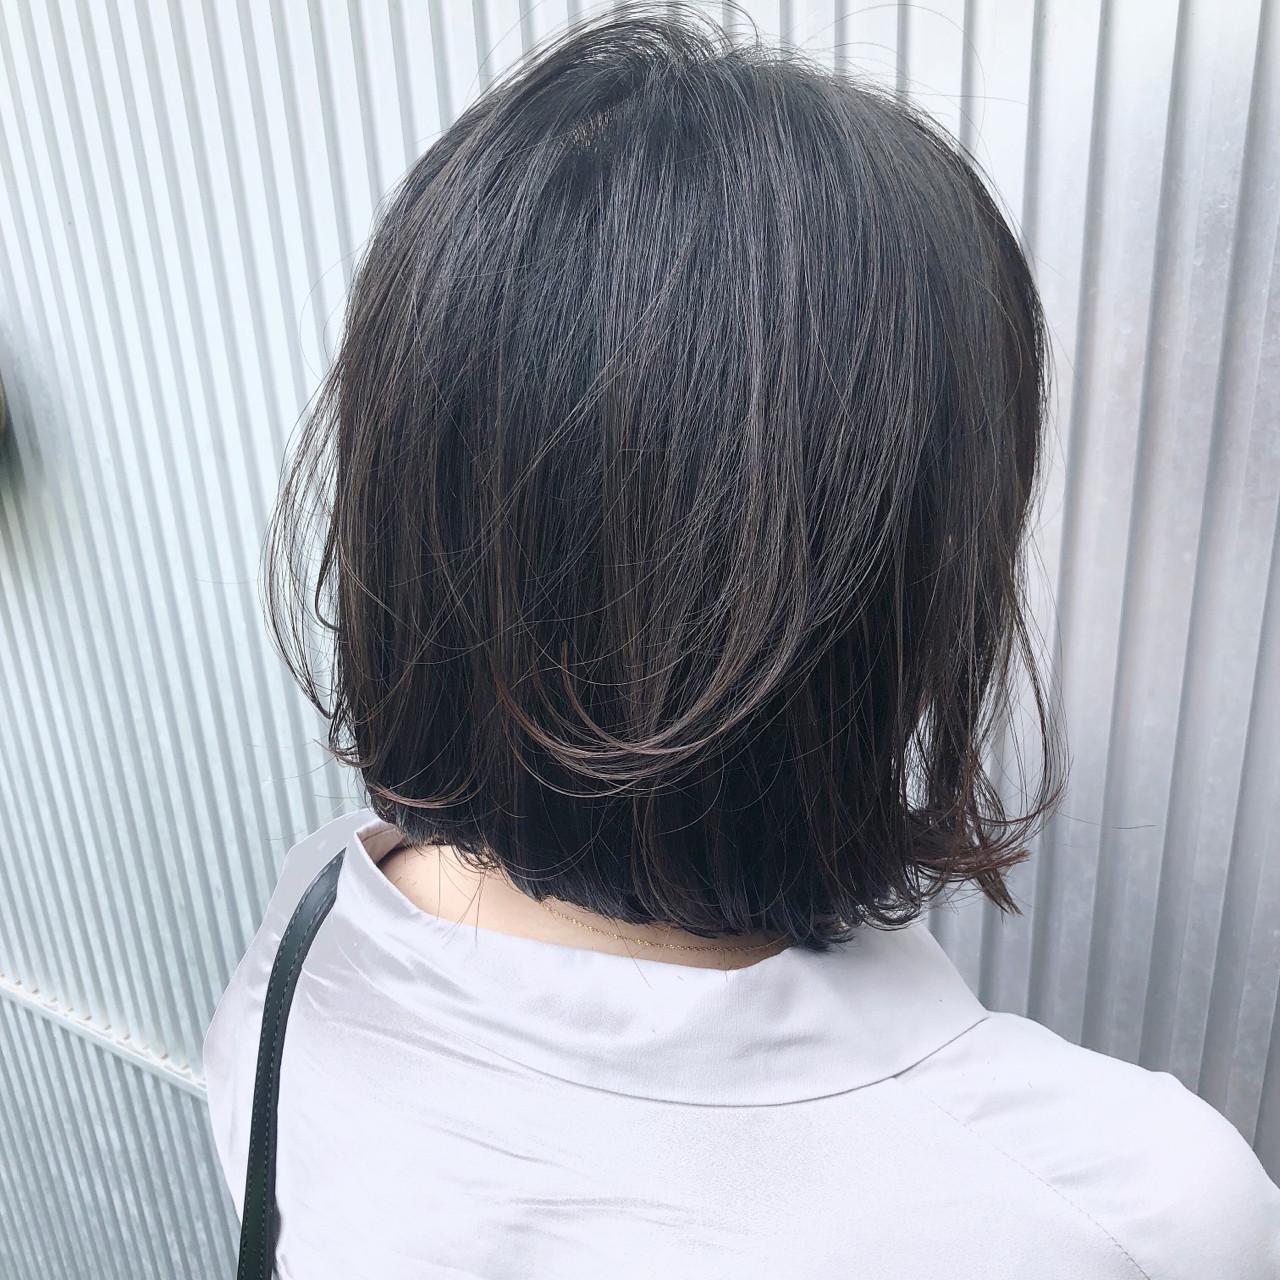 グレージュ ストレート ボブ ナチュラル ヘアスタイルや髪型の写真・画像